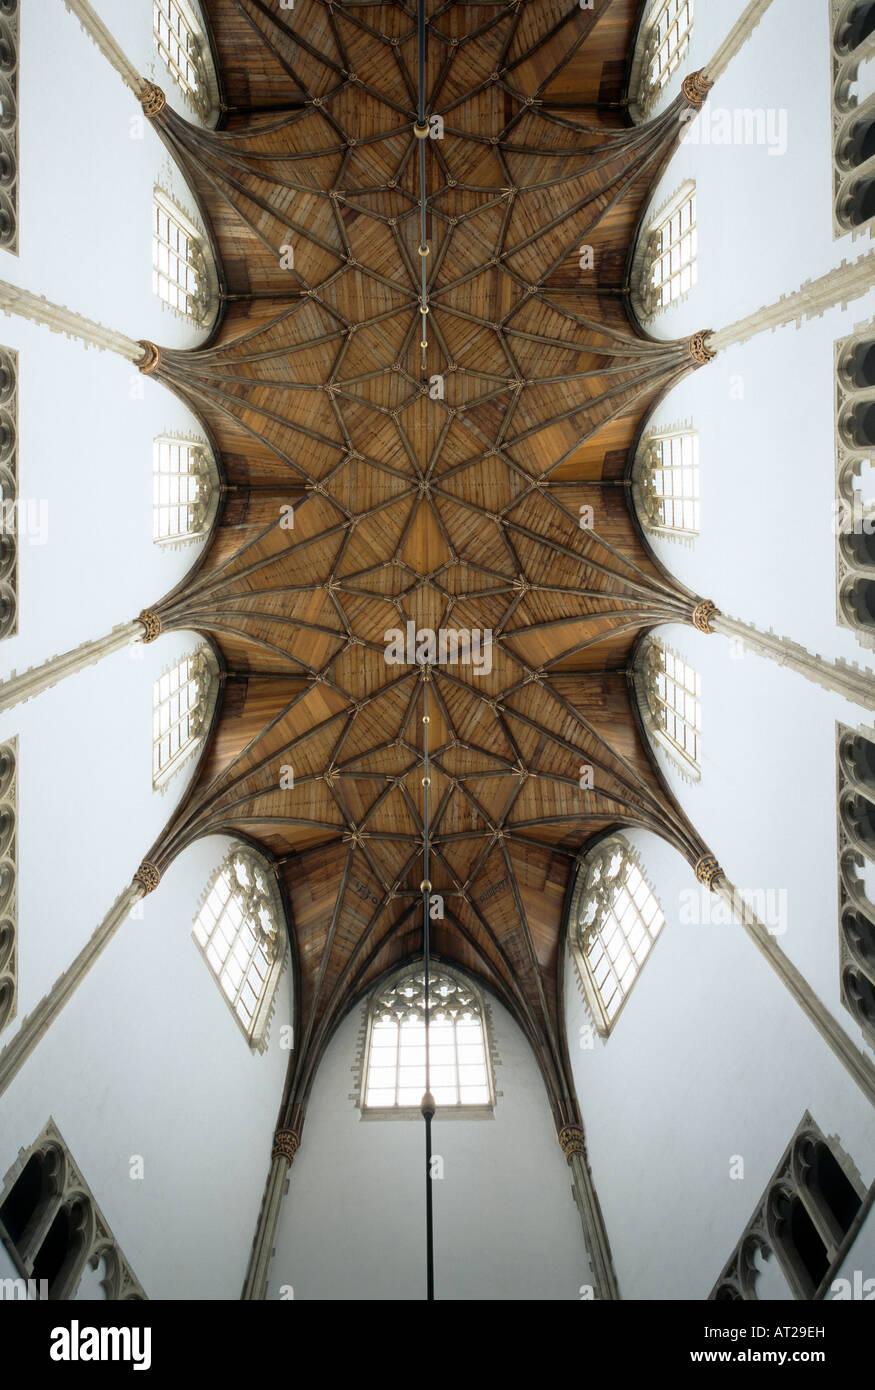 Haarlem, Grote Kerk (St. Bavokerk), Chorgewölbe - Stock Image